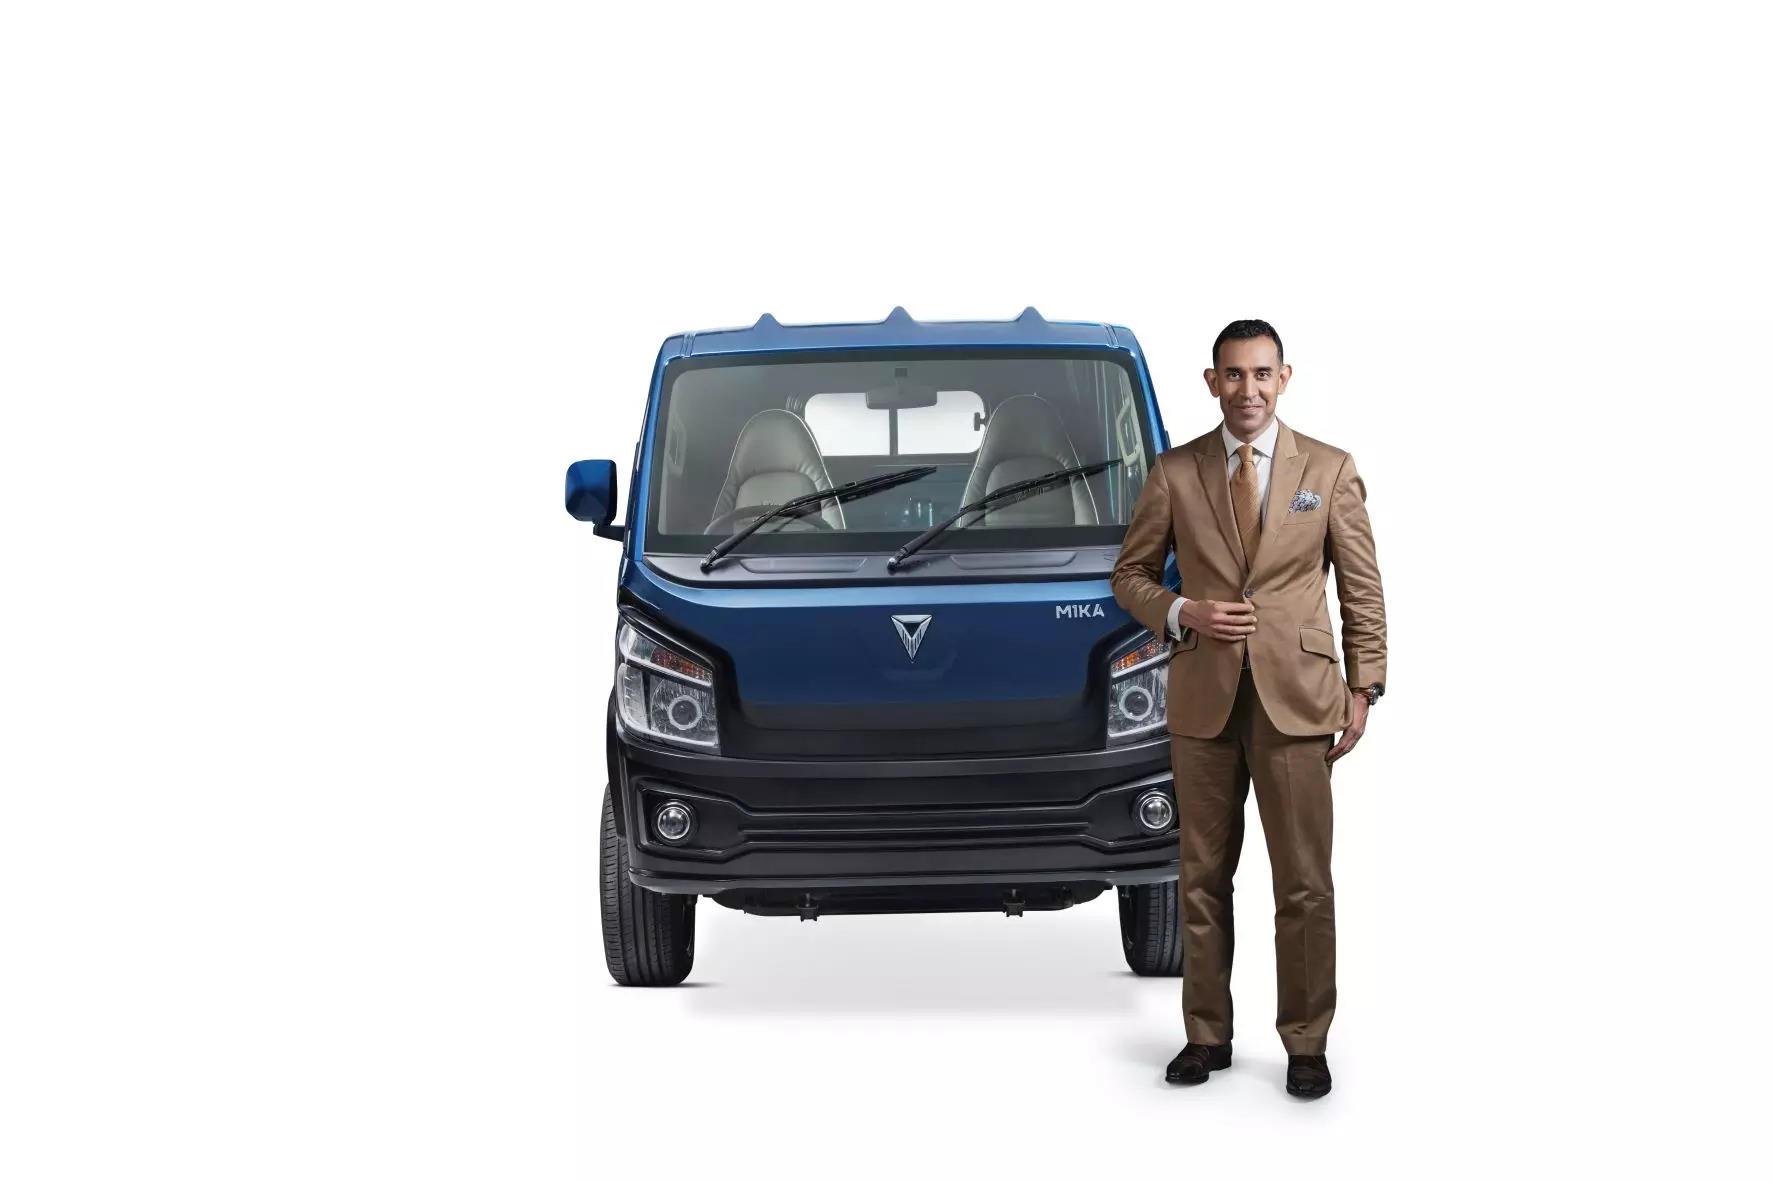 Uday Narang, Founder and Chairman, Omega Seiki Mobility